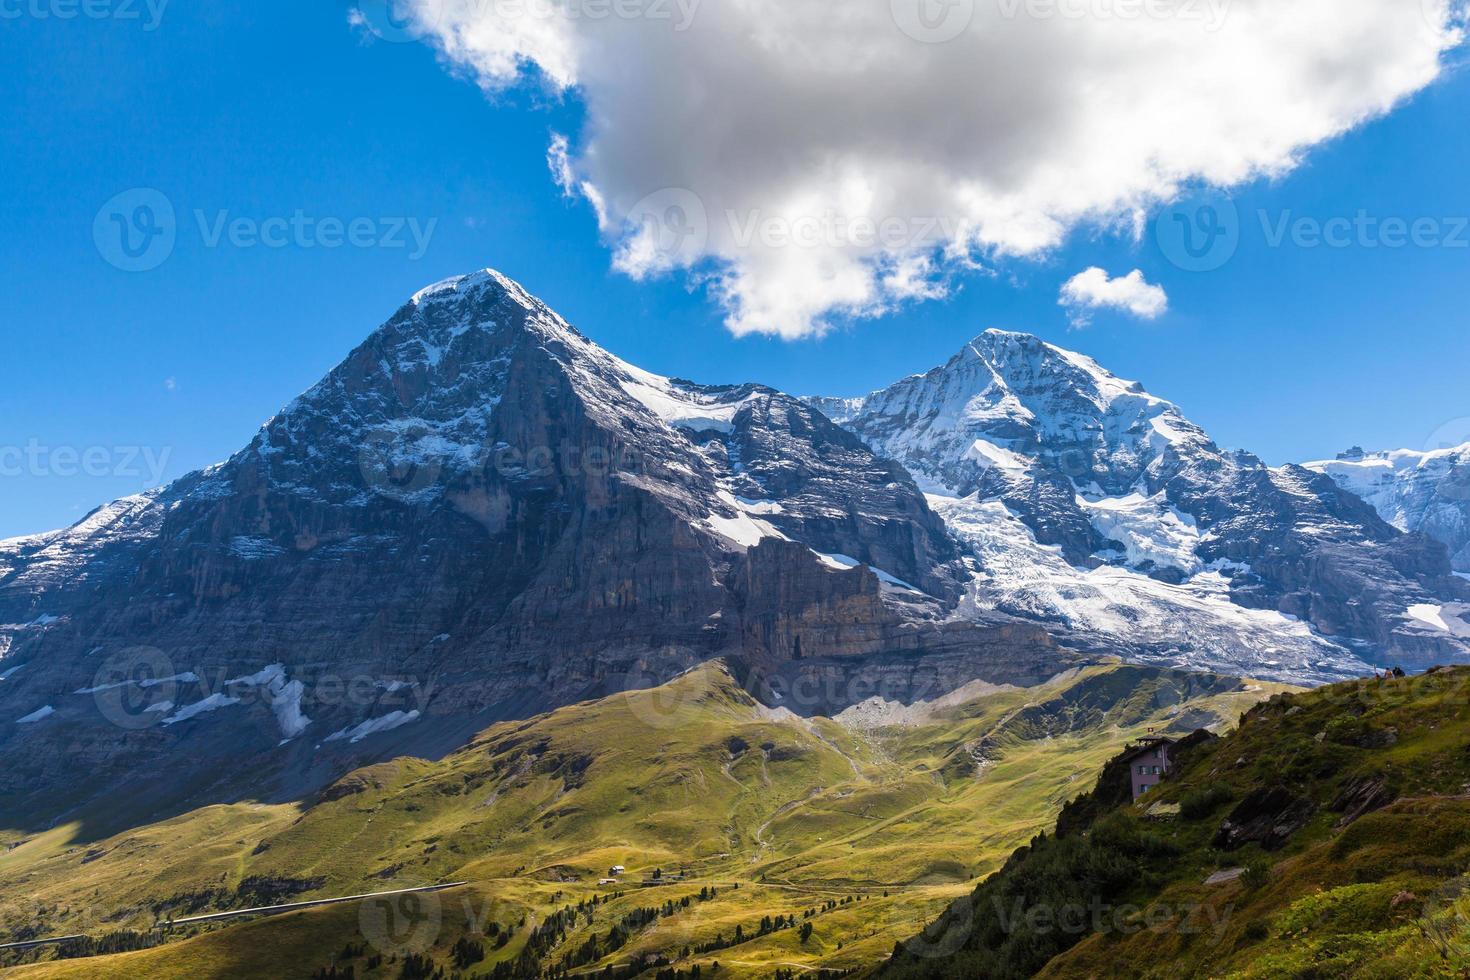 parete nord eiger, ghiacciaio eiger e monch foto